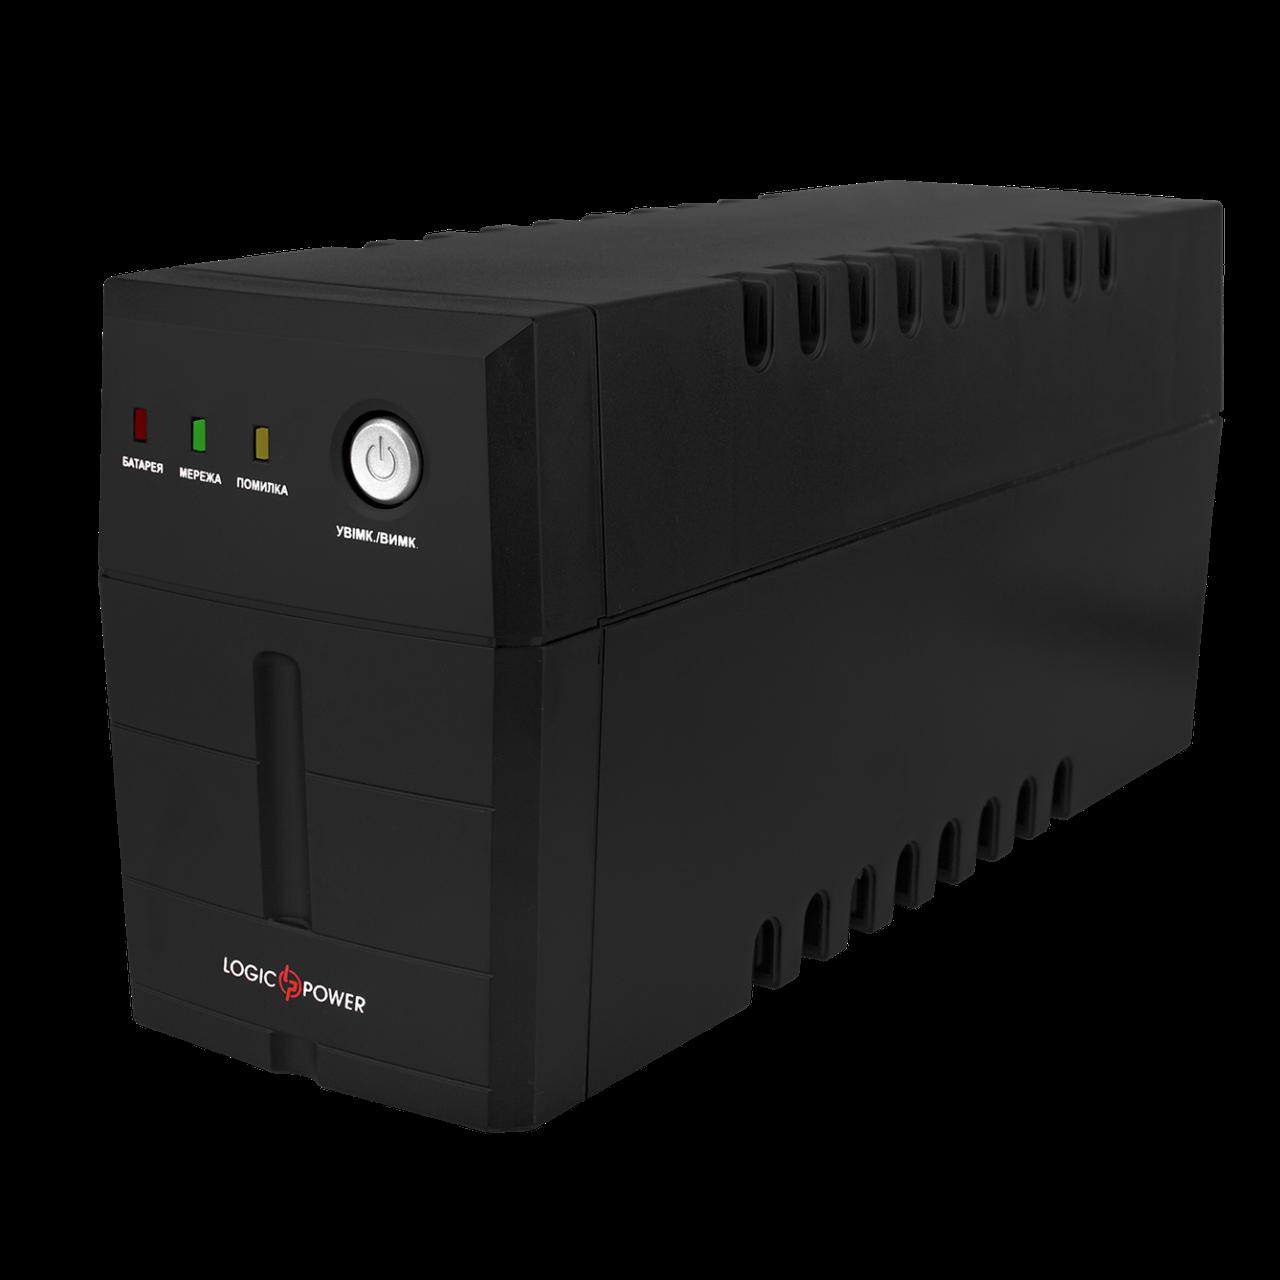 ИБП LogicPower LP 500VA-P (300Вт) линейно-интерактивный